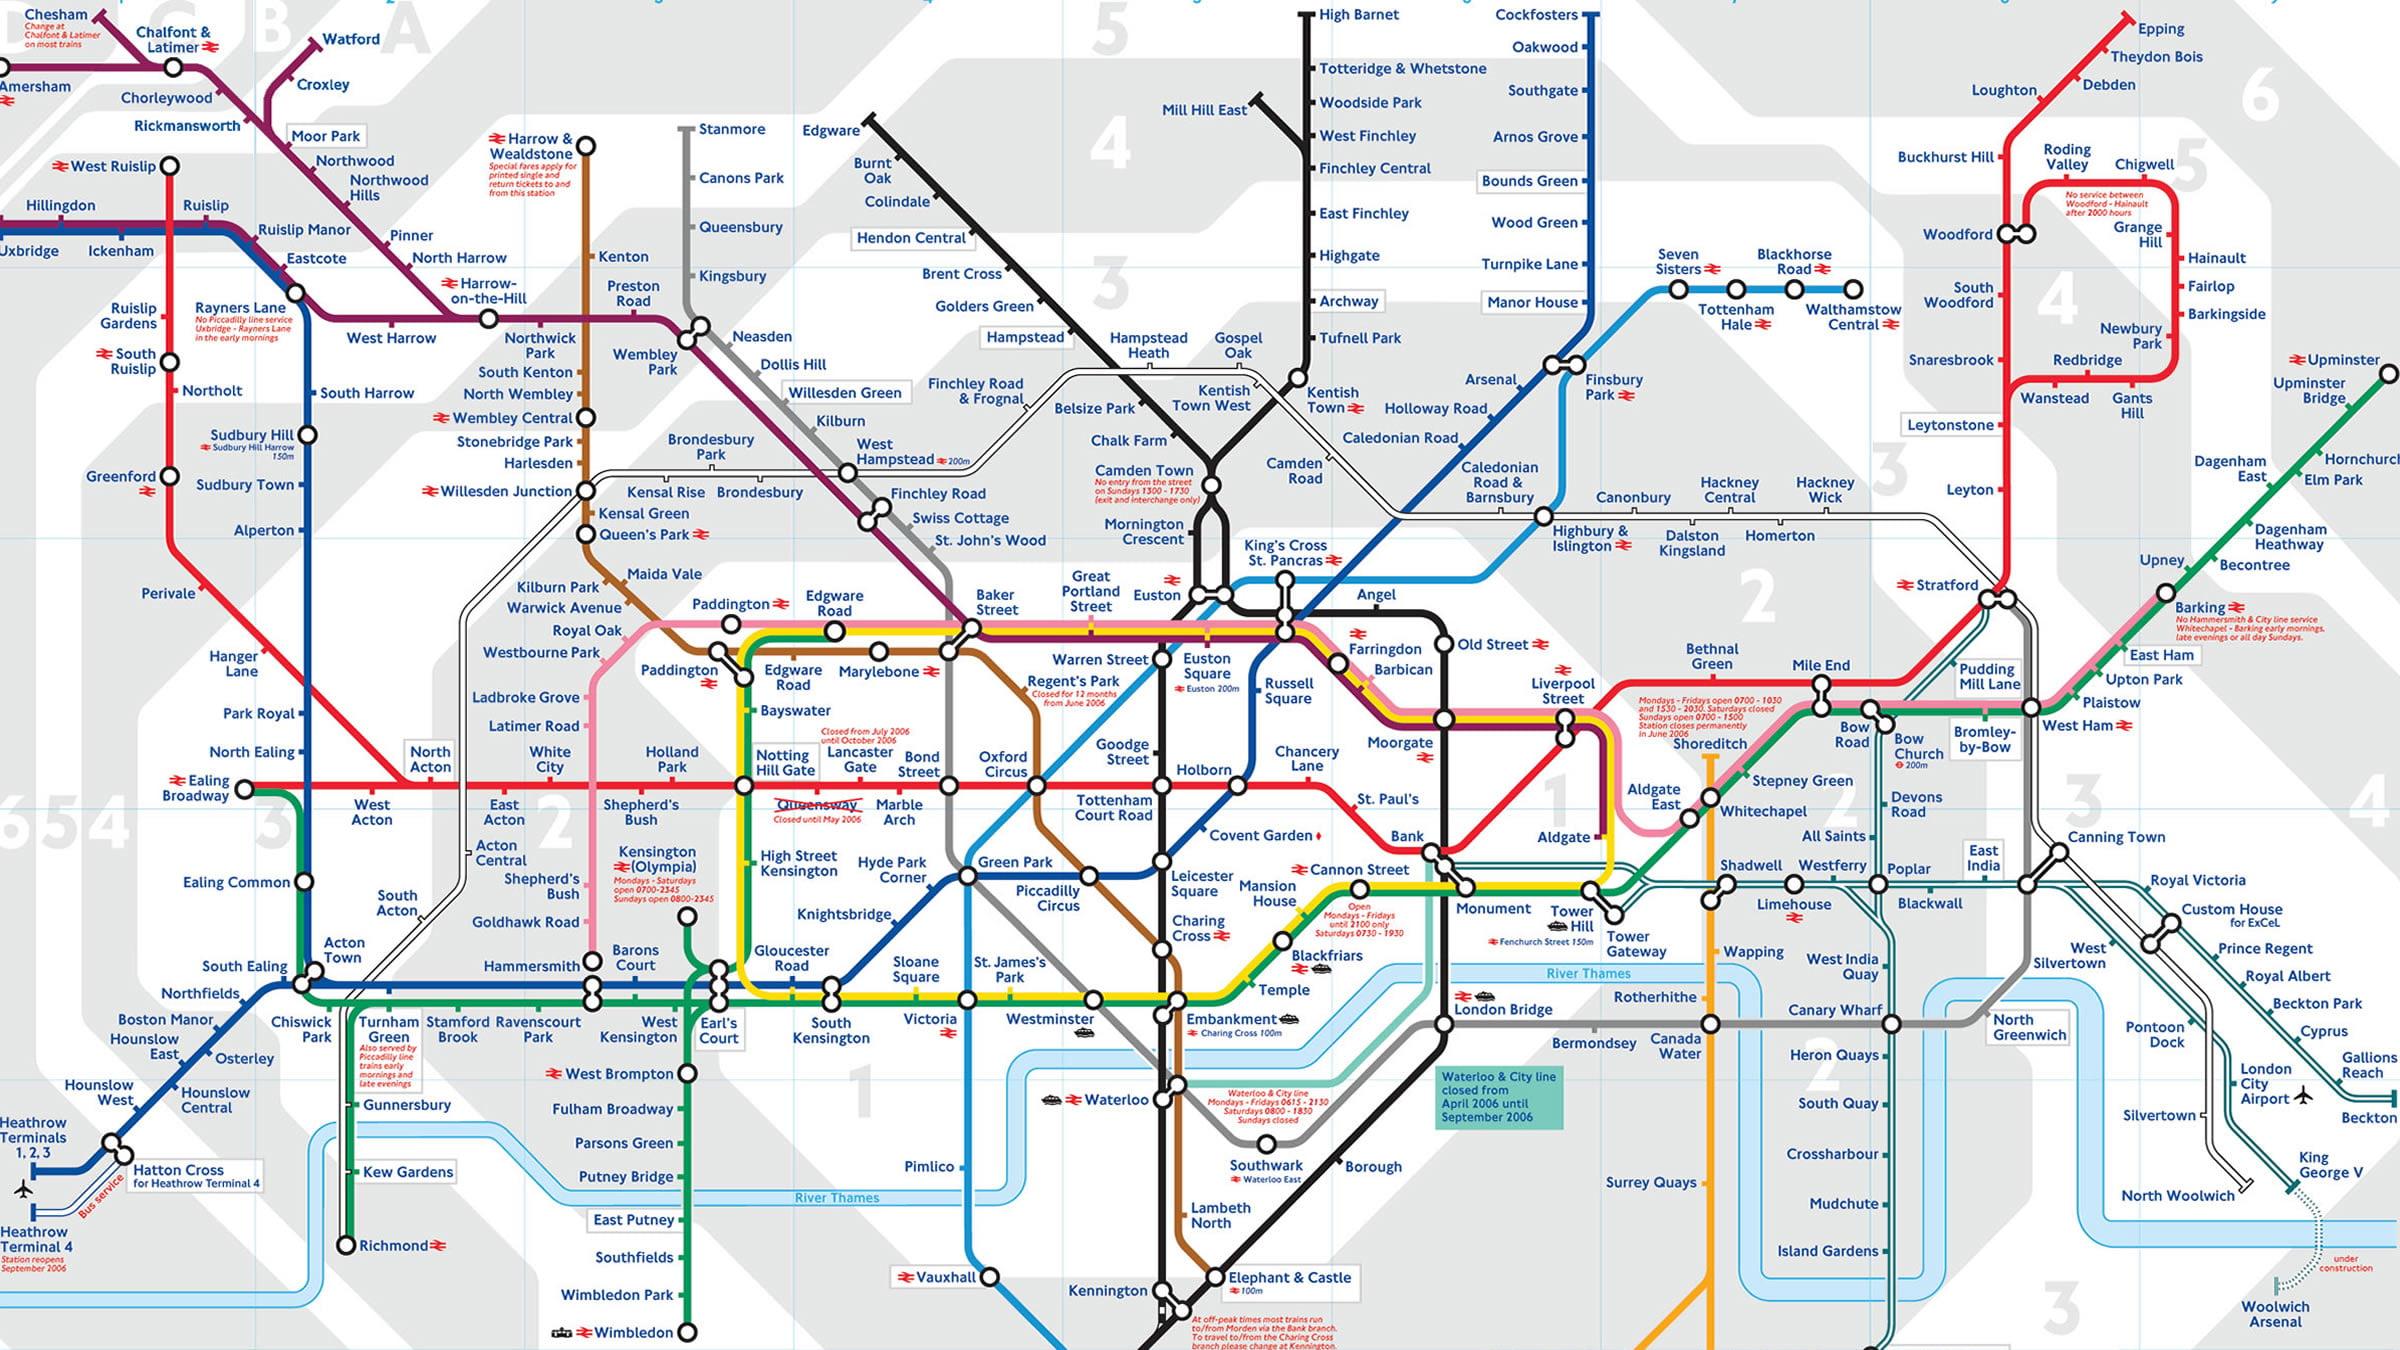 mapa metro londres Mapa de las líneas de metro de Londres con zonas mapa metro londres